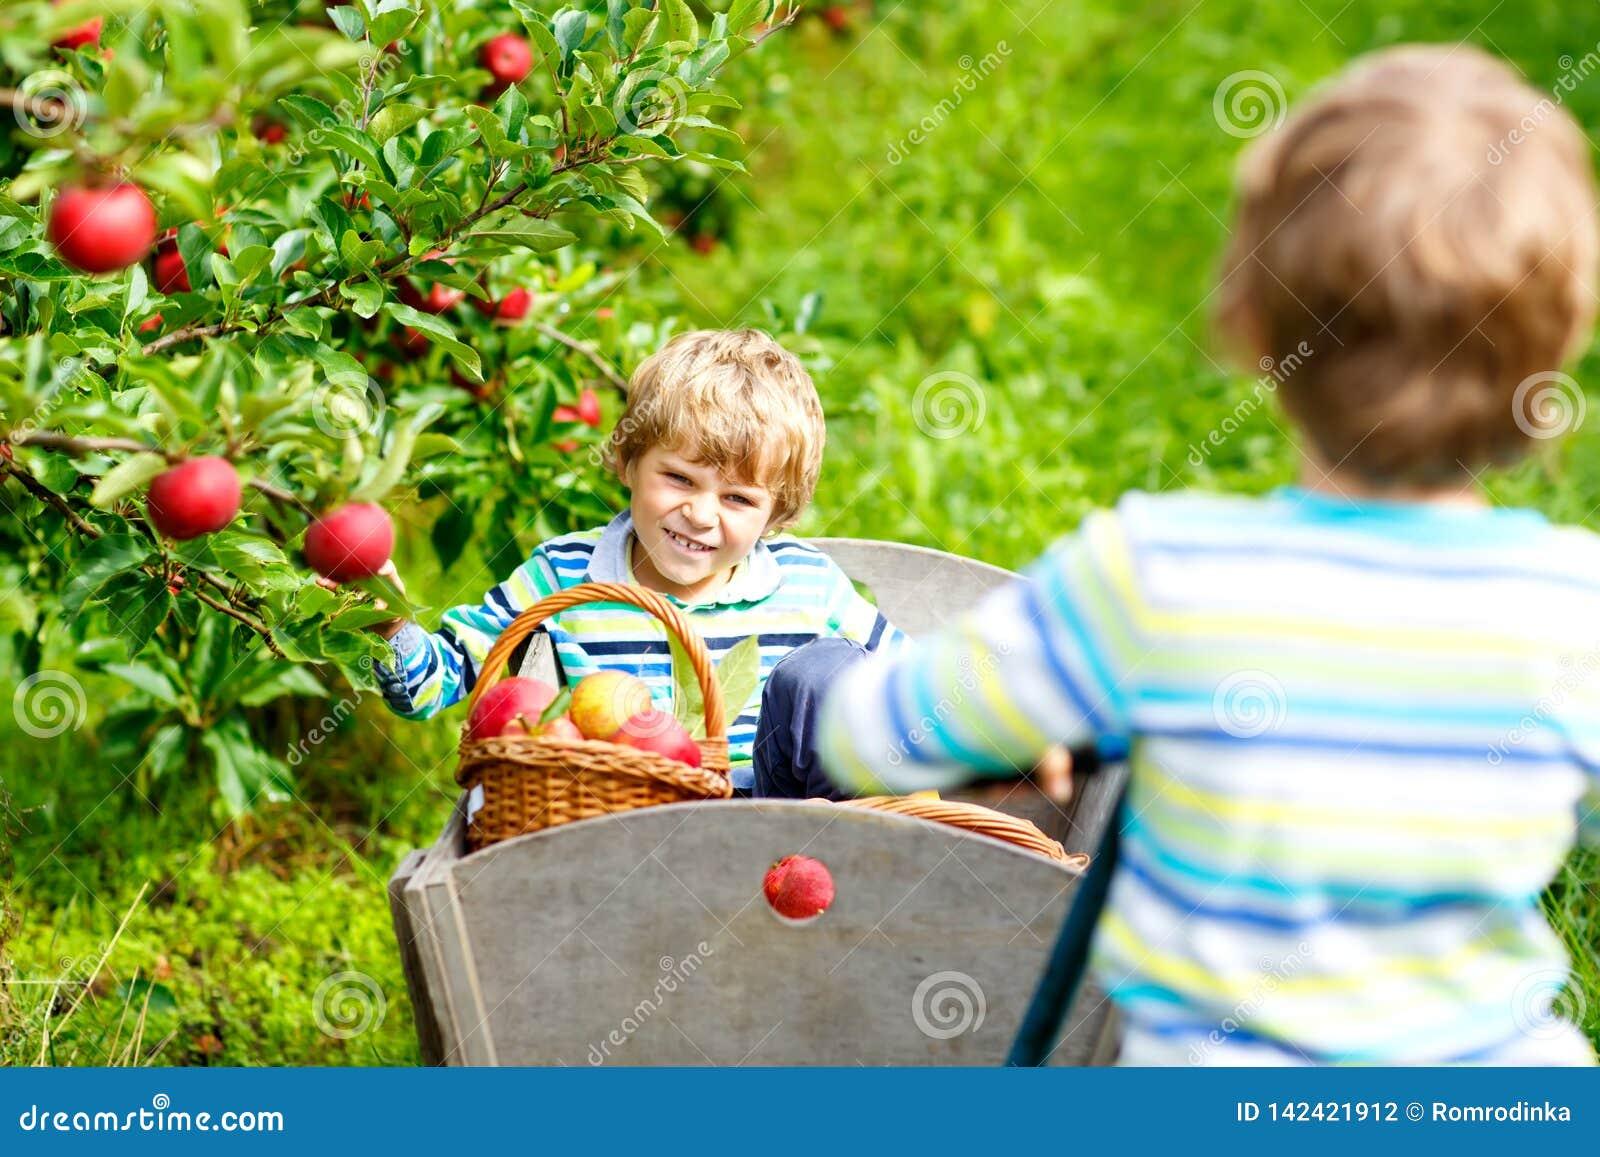 Δύο λατρευτά ευτυχή αγόρια παιδάκι που επιλέγουν και που τρώνε τα κόκκινα μήλα στο οργανικό αγρόκτημα, φθινόπωρο υπαίθρια Αστείος